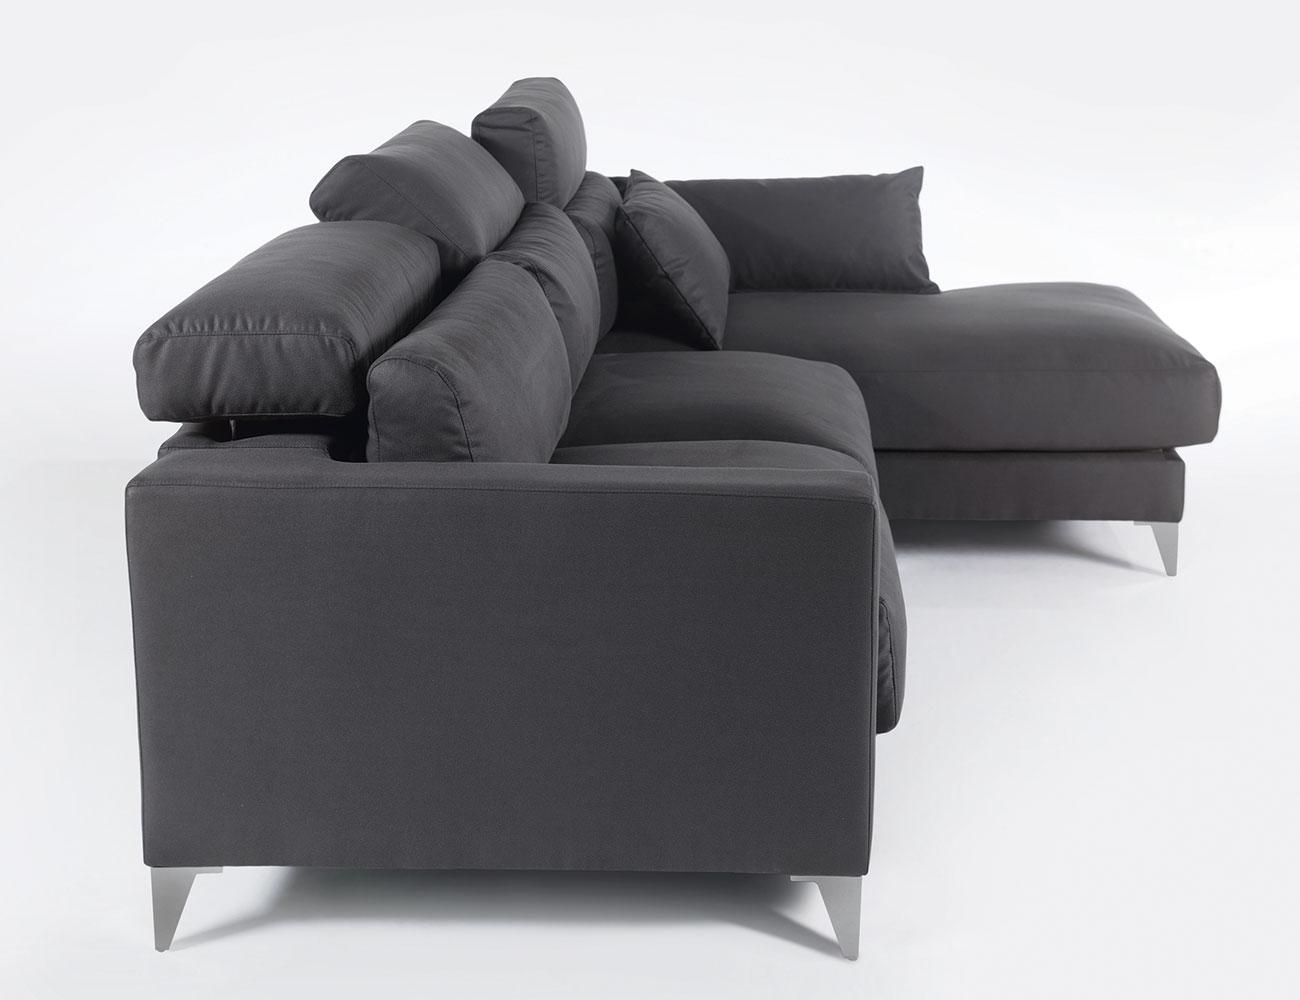 Sofa chaiselongue gran lujo decorativo grafito 125